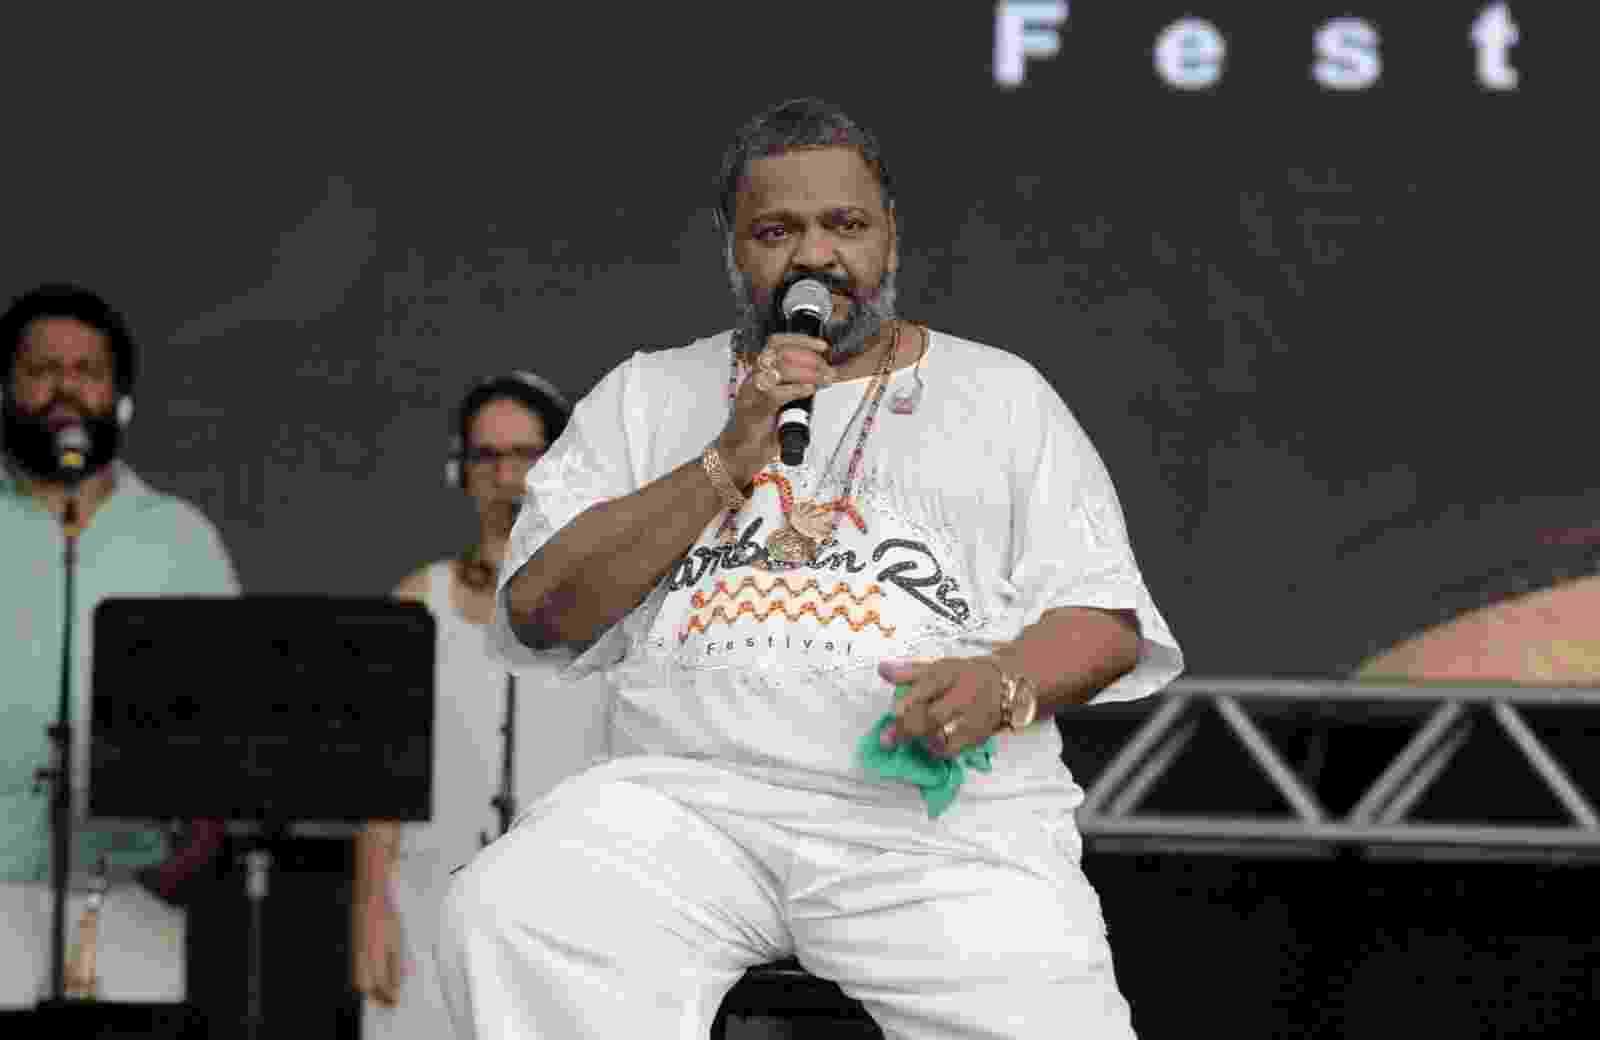 18.jul.2015 - Arlindo Cruz se apresenta na 1ª edição do festival Samba in Rio, na praça da Apoteose do sambódromo carioca - Marcello Sá Barretto/AgNews